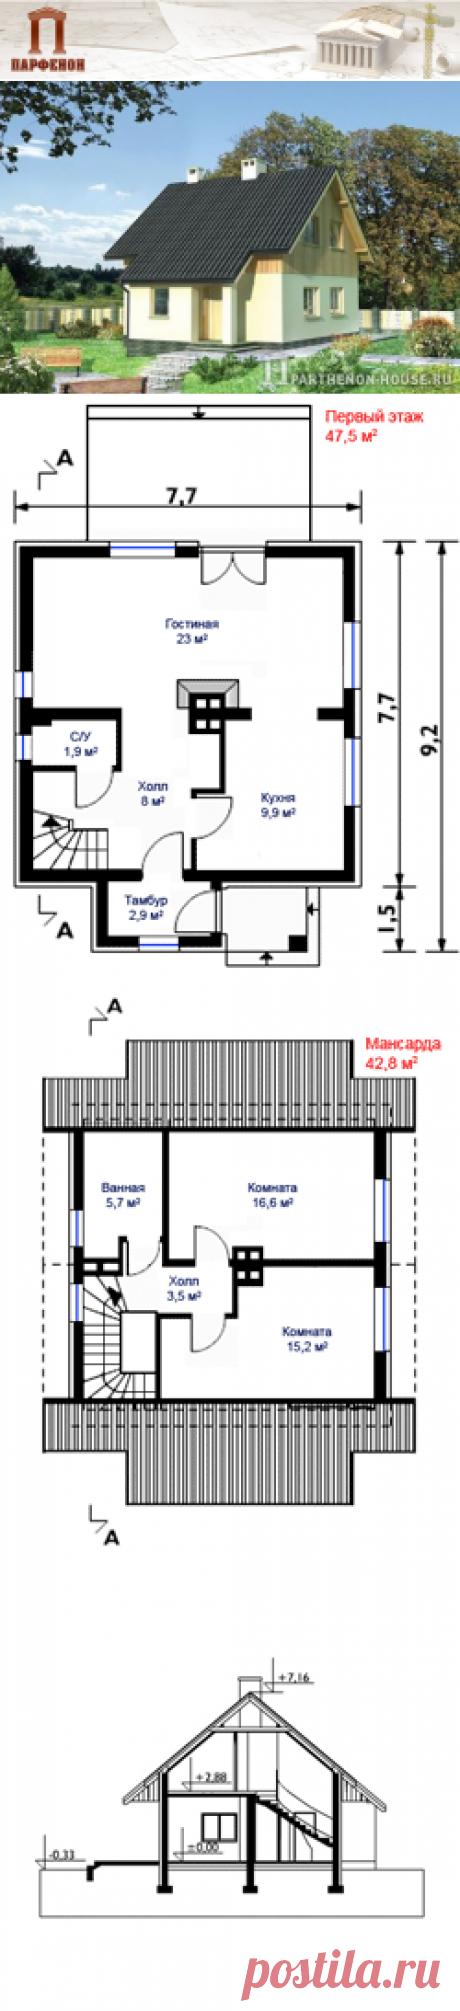 Готовый проект дачного дома К 141-6  Площадь застройки: 63,7 кв.м.  Площадь общая: 141,6 кв.м.  Площадь нетто: 90,3 кв.м.  Площадь жилая: 73,6 кв.м.  Кубатура: 351,2 куб.м.   Крыша:  Площадь крыши: 91,2 кв.м.  Угол наклона крыши: 40.  Кубатура древесины стропильной конструкции крыши: 6,0 куб.м.   Технология и конструкция: керамика.